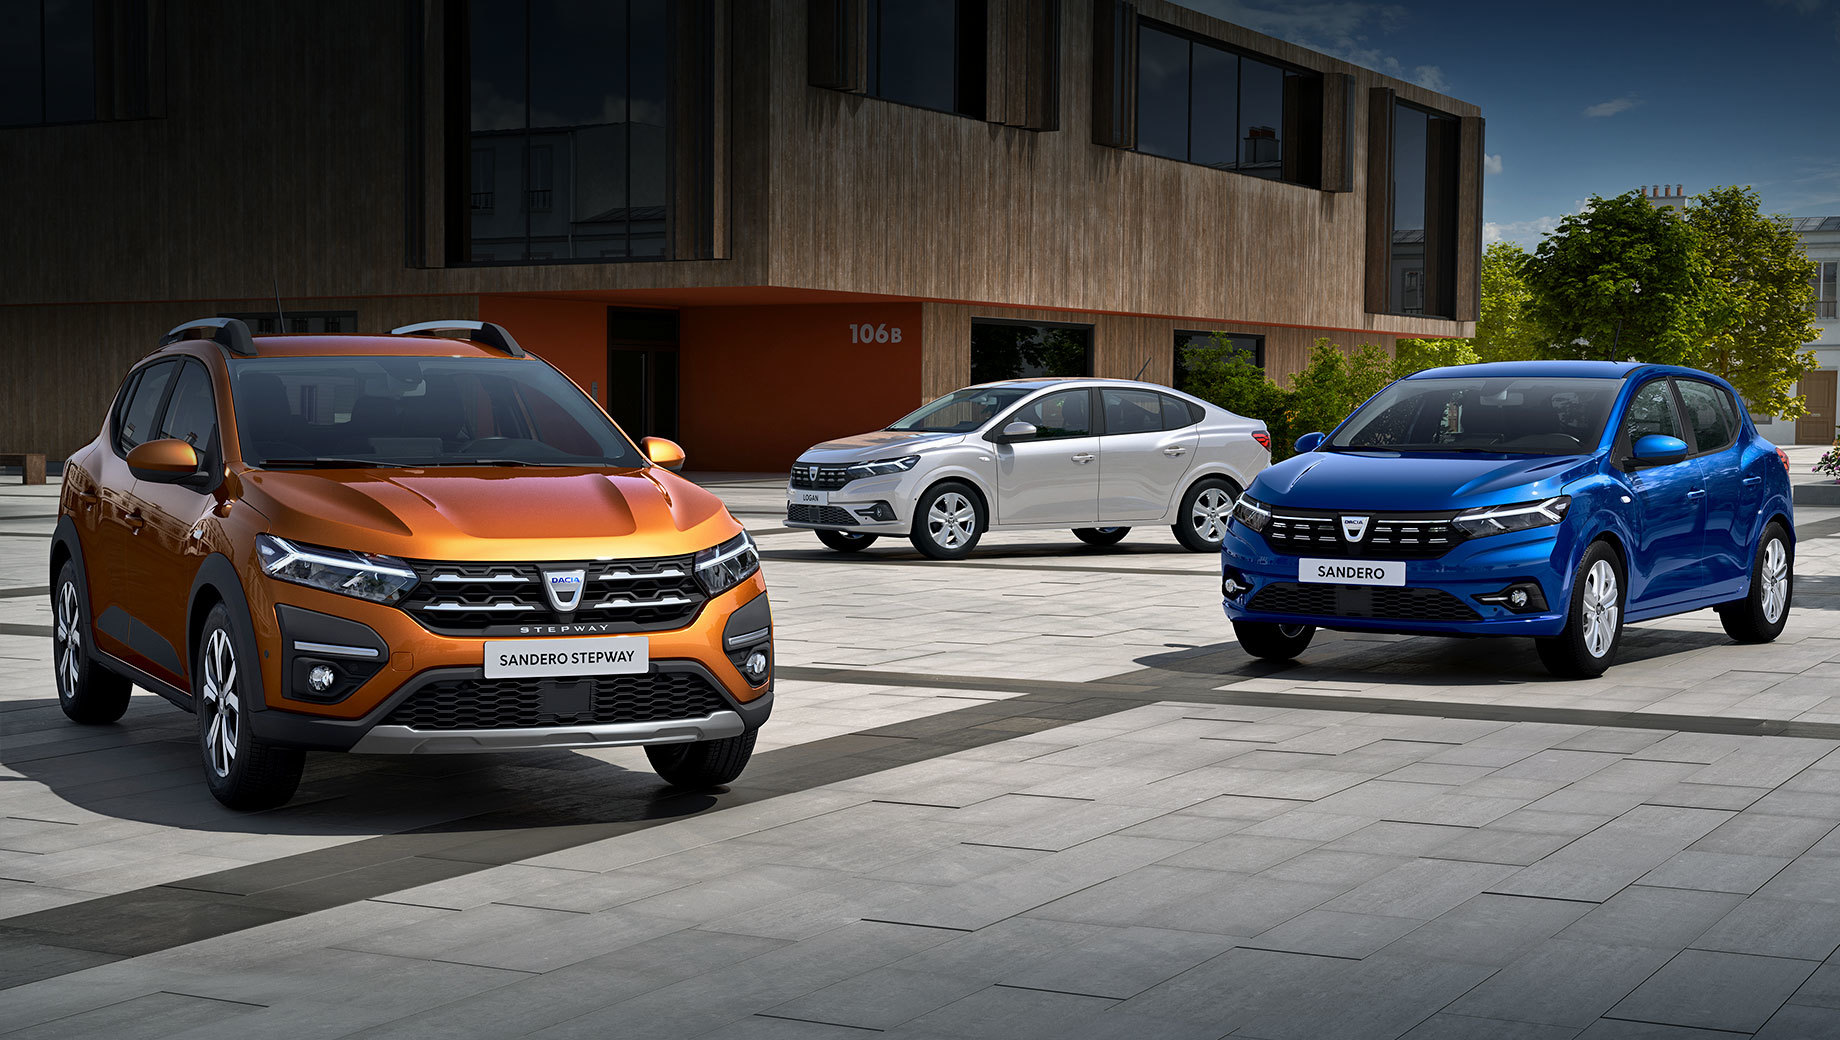 Dacia logan,Dacia sandero,Dacia sandero stepway. Все трое получили неожиданную «Y-образную световую подпись» в фарах и фонарях. Зауженные «глаза» напоминают Renault City K-ZE и перекликаются с вольвовским «Молотом Тора».